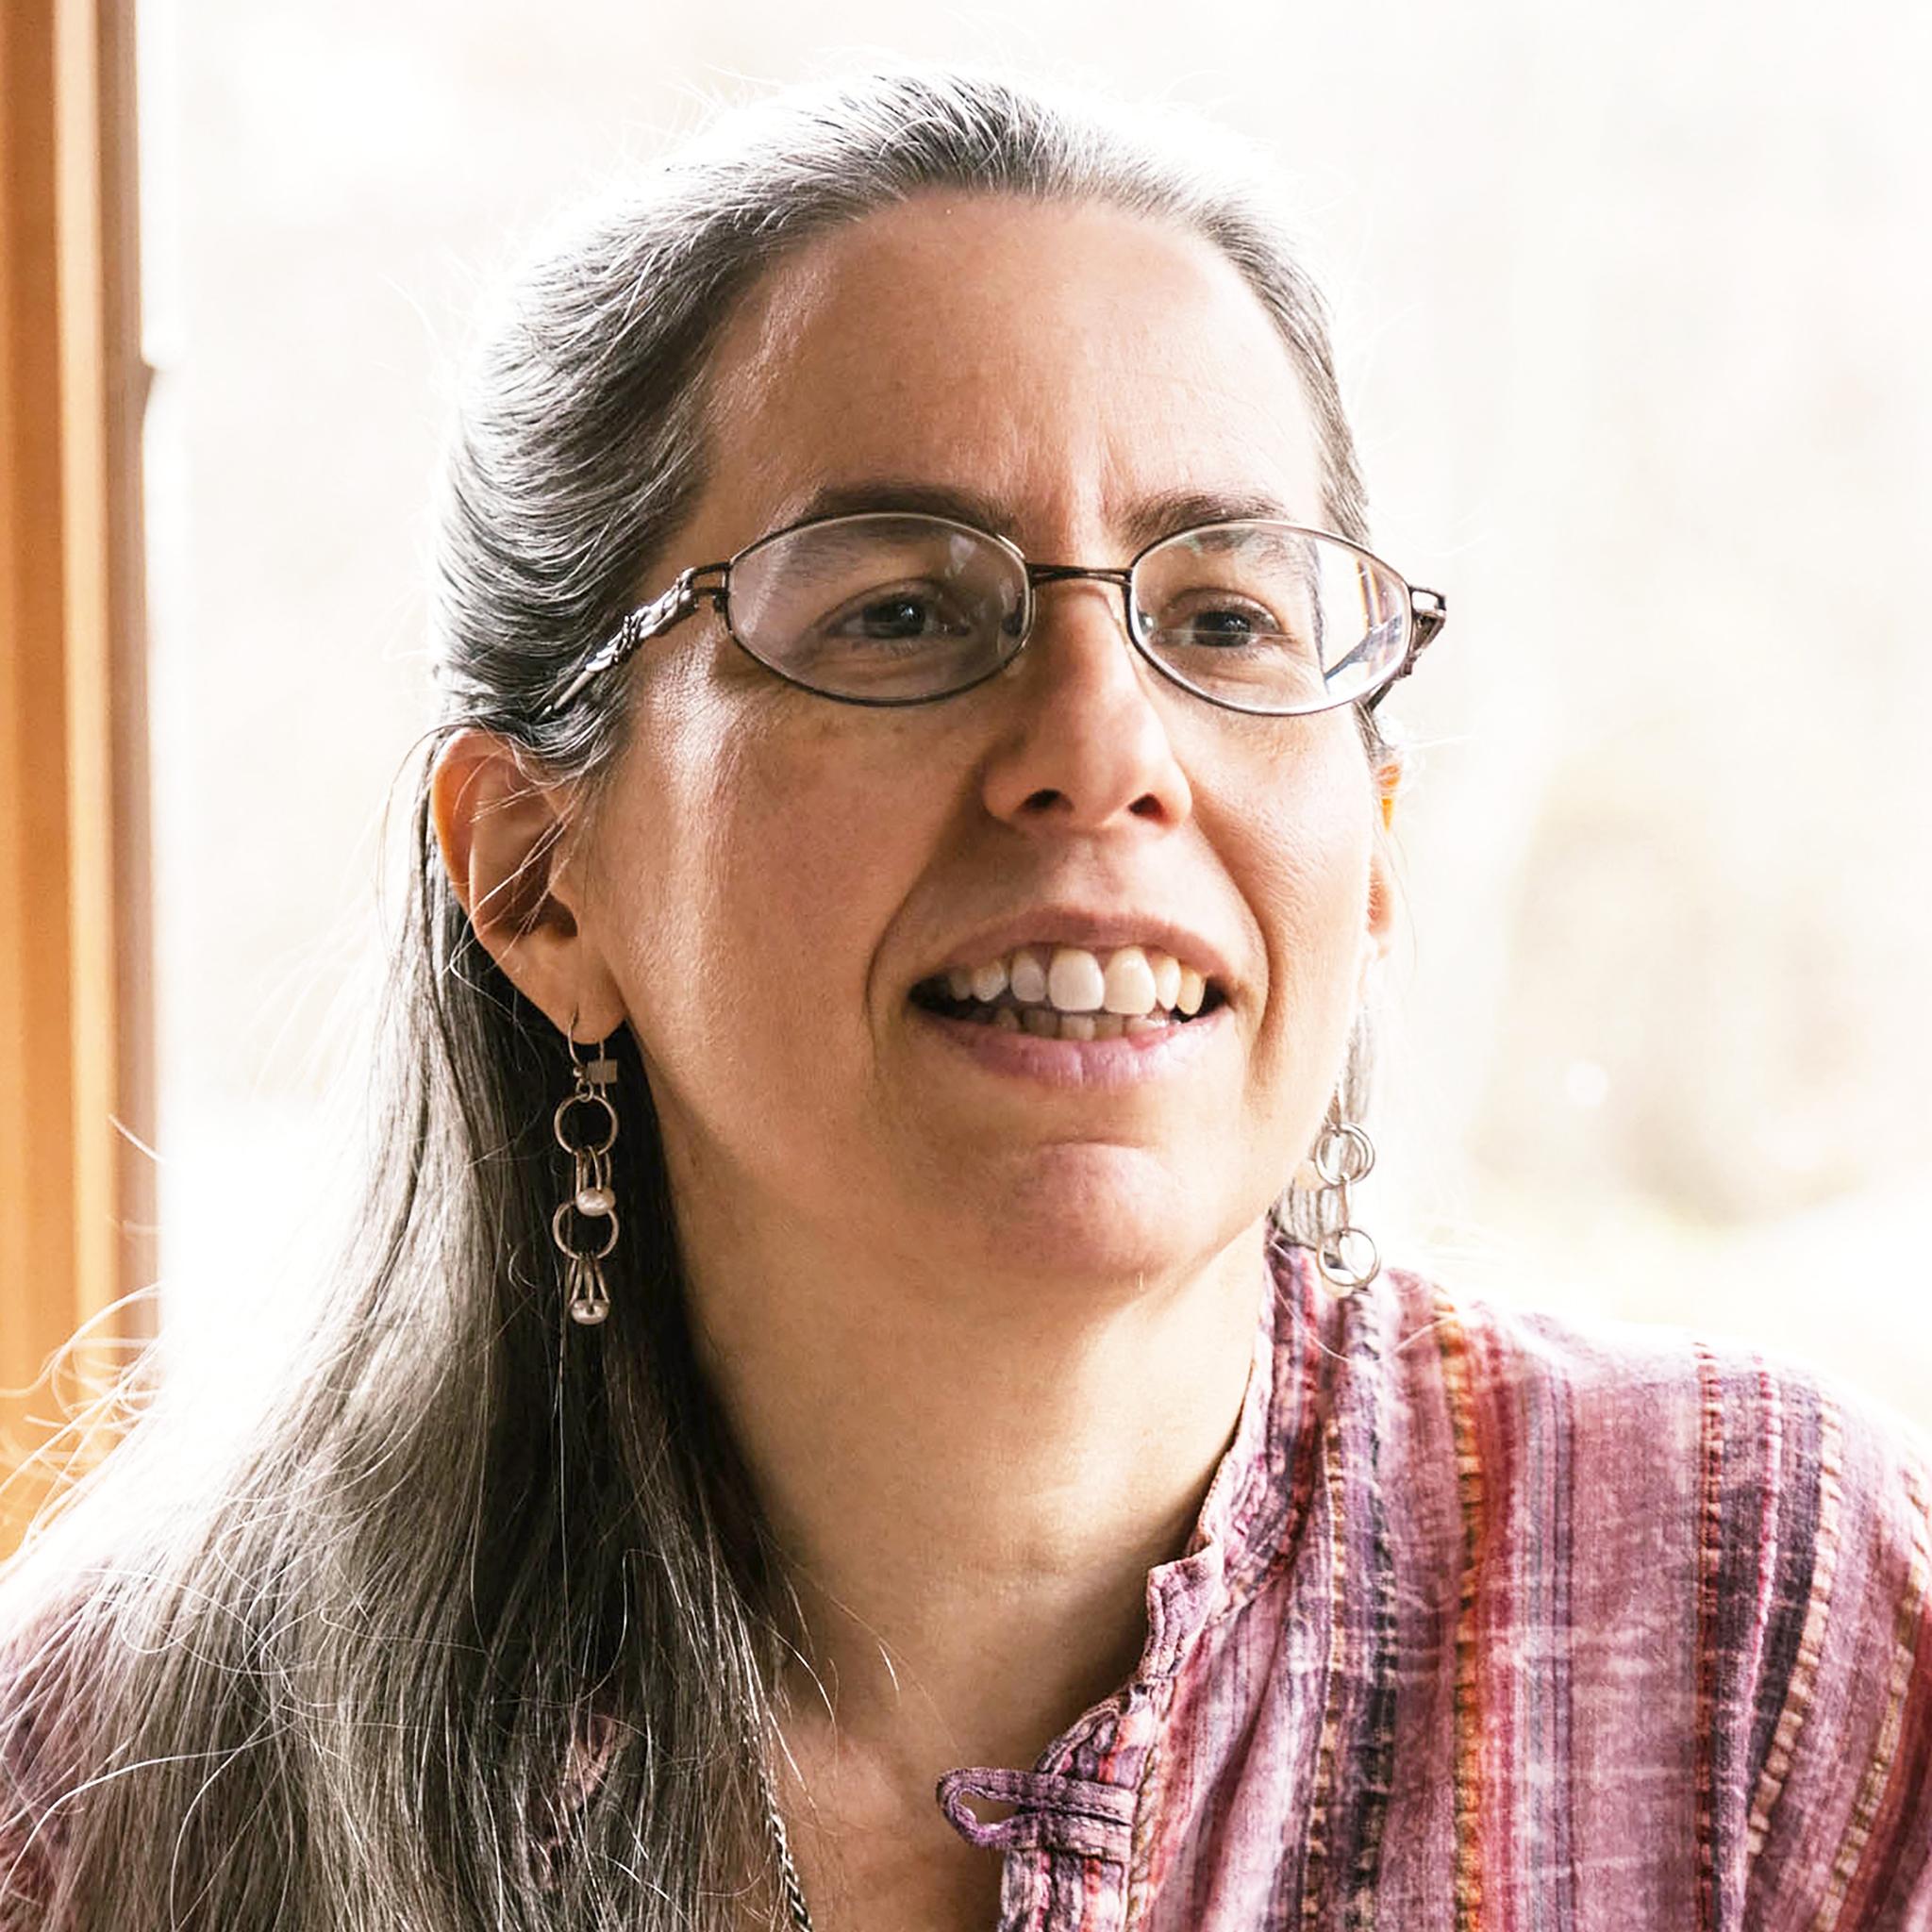 Sarah Taub 2022